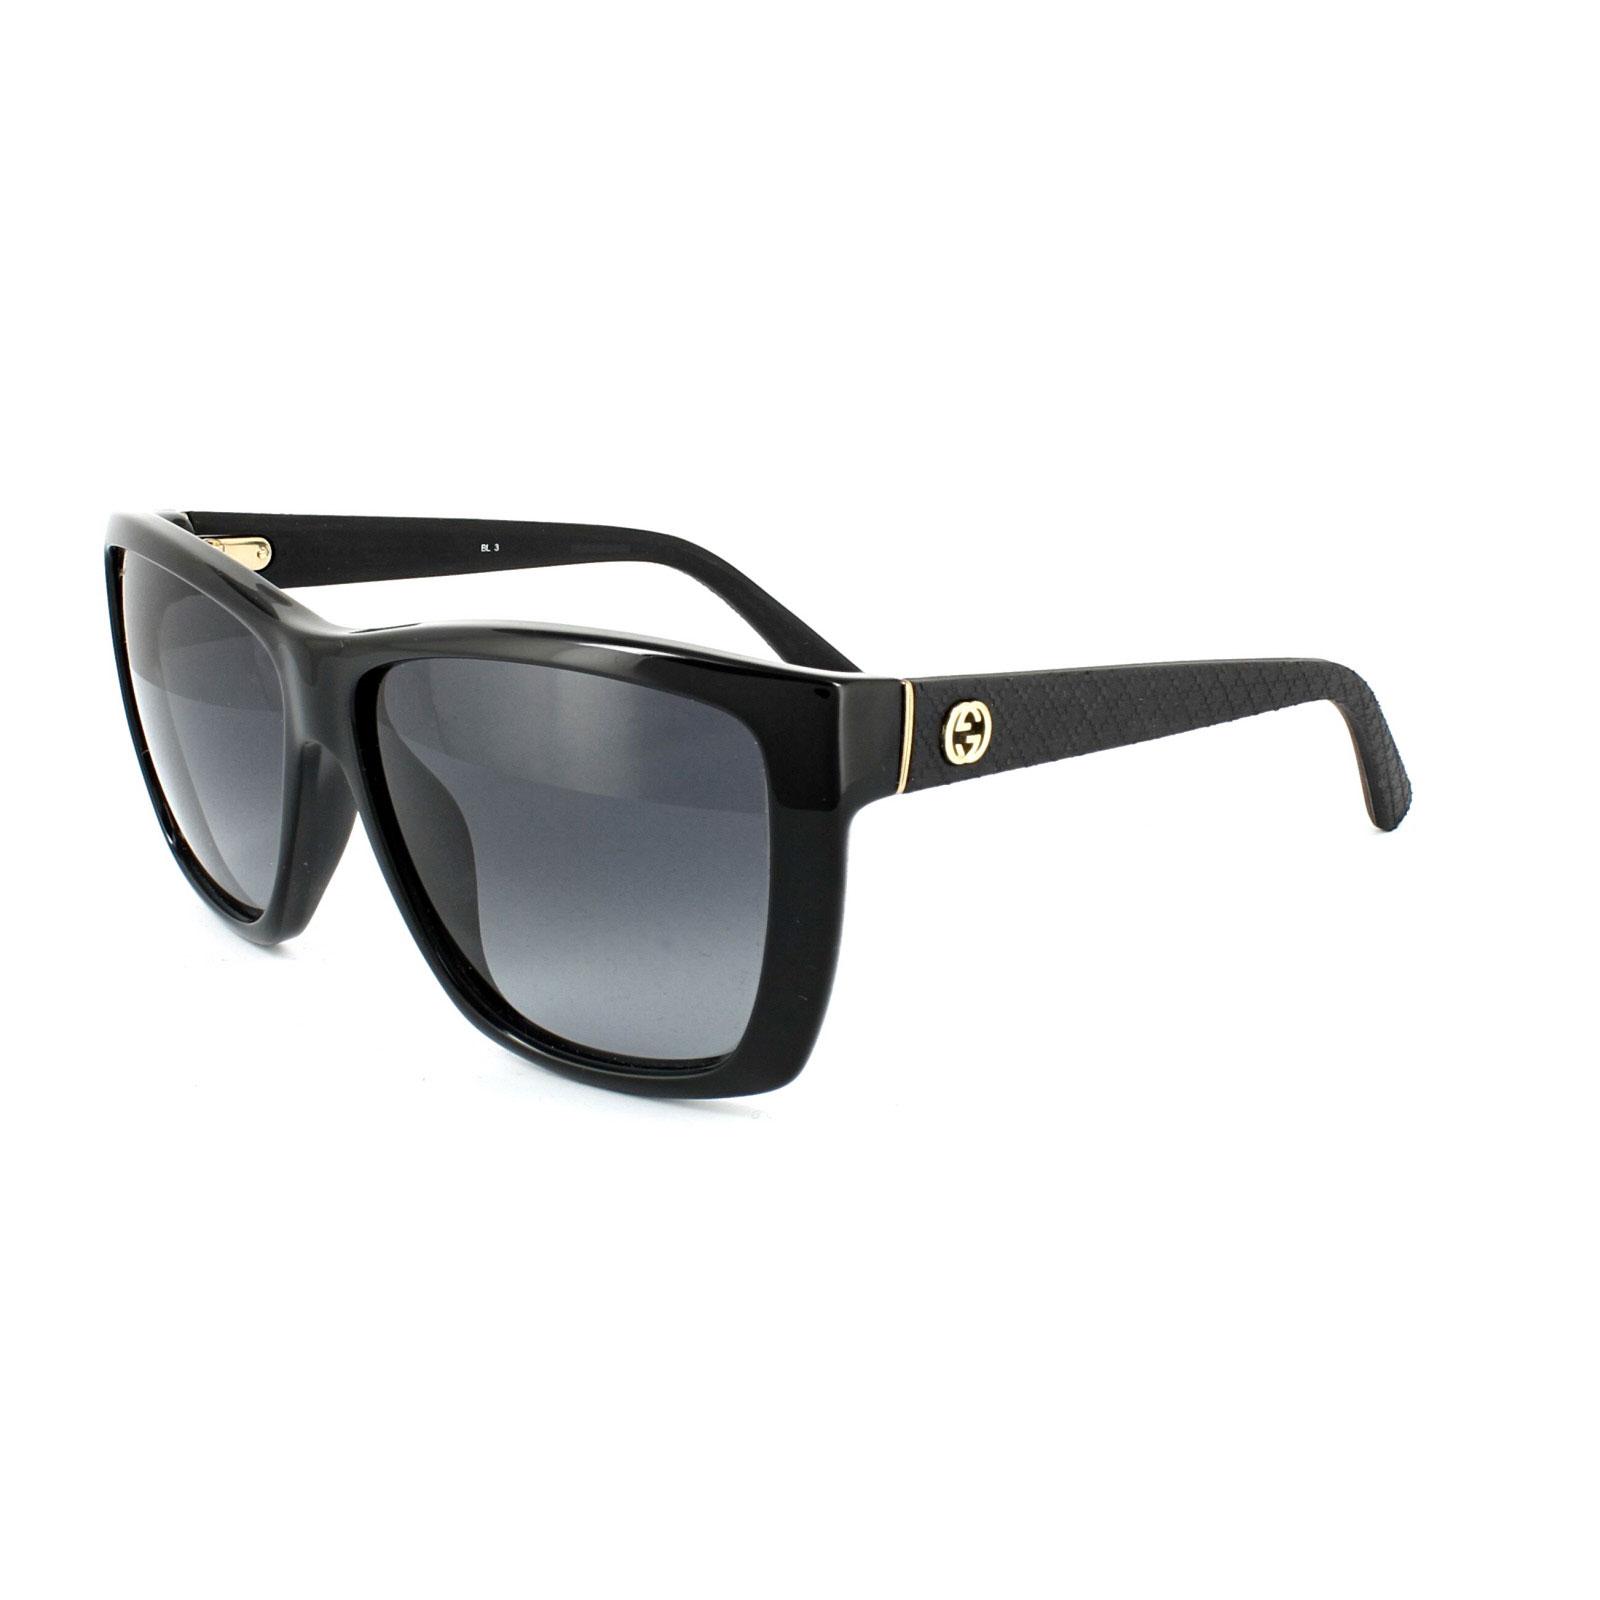 Gucci Gafas de sol 3716 INA HD Negras Grises Degradadas   eBay